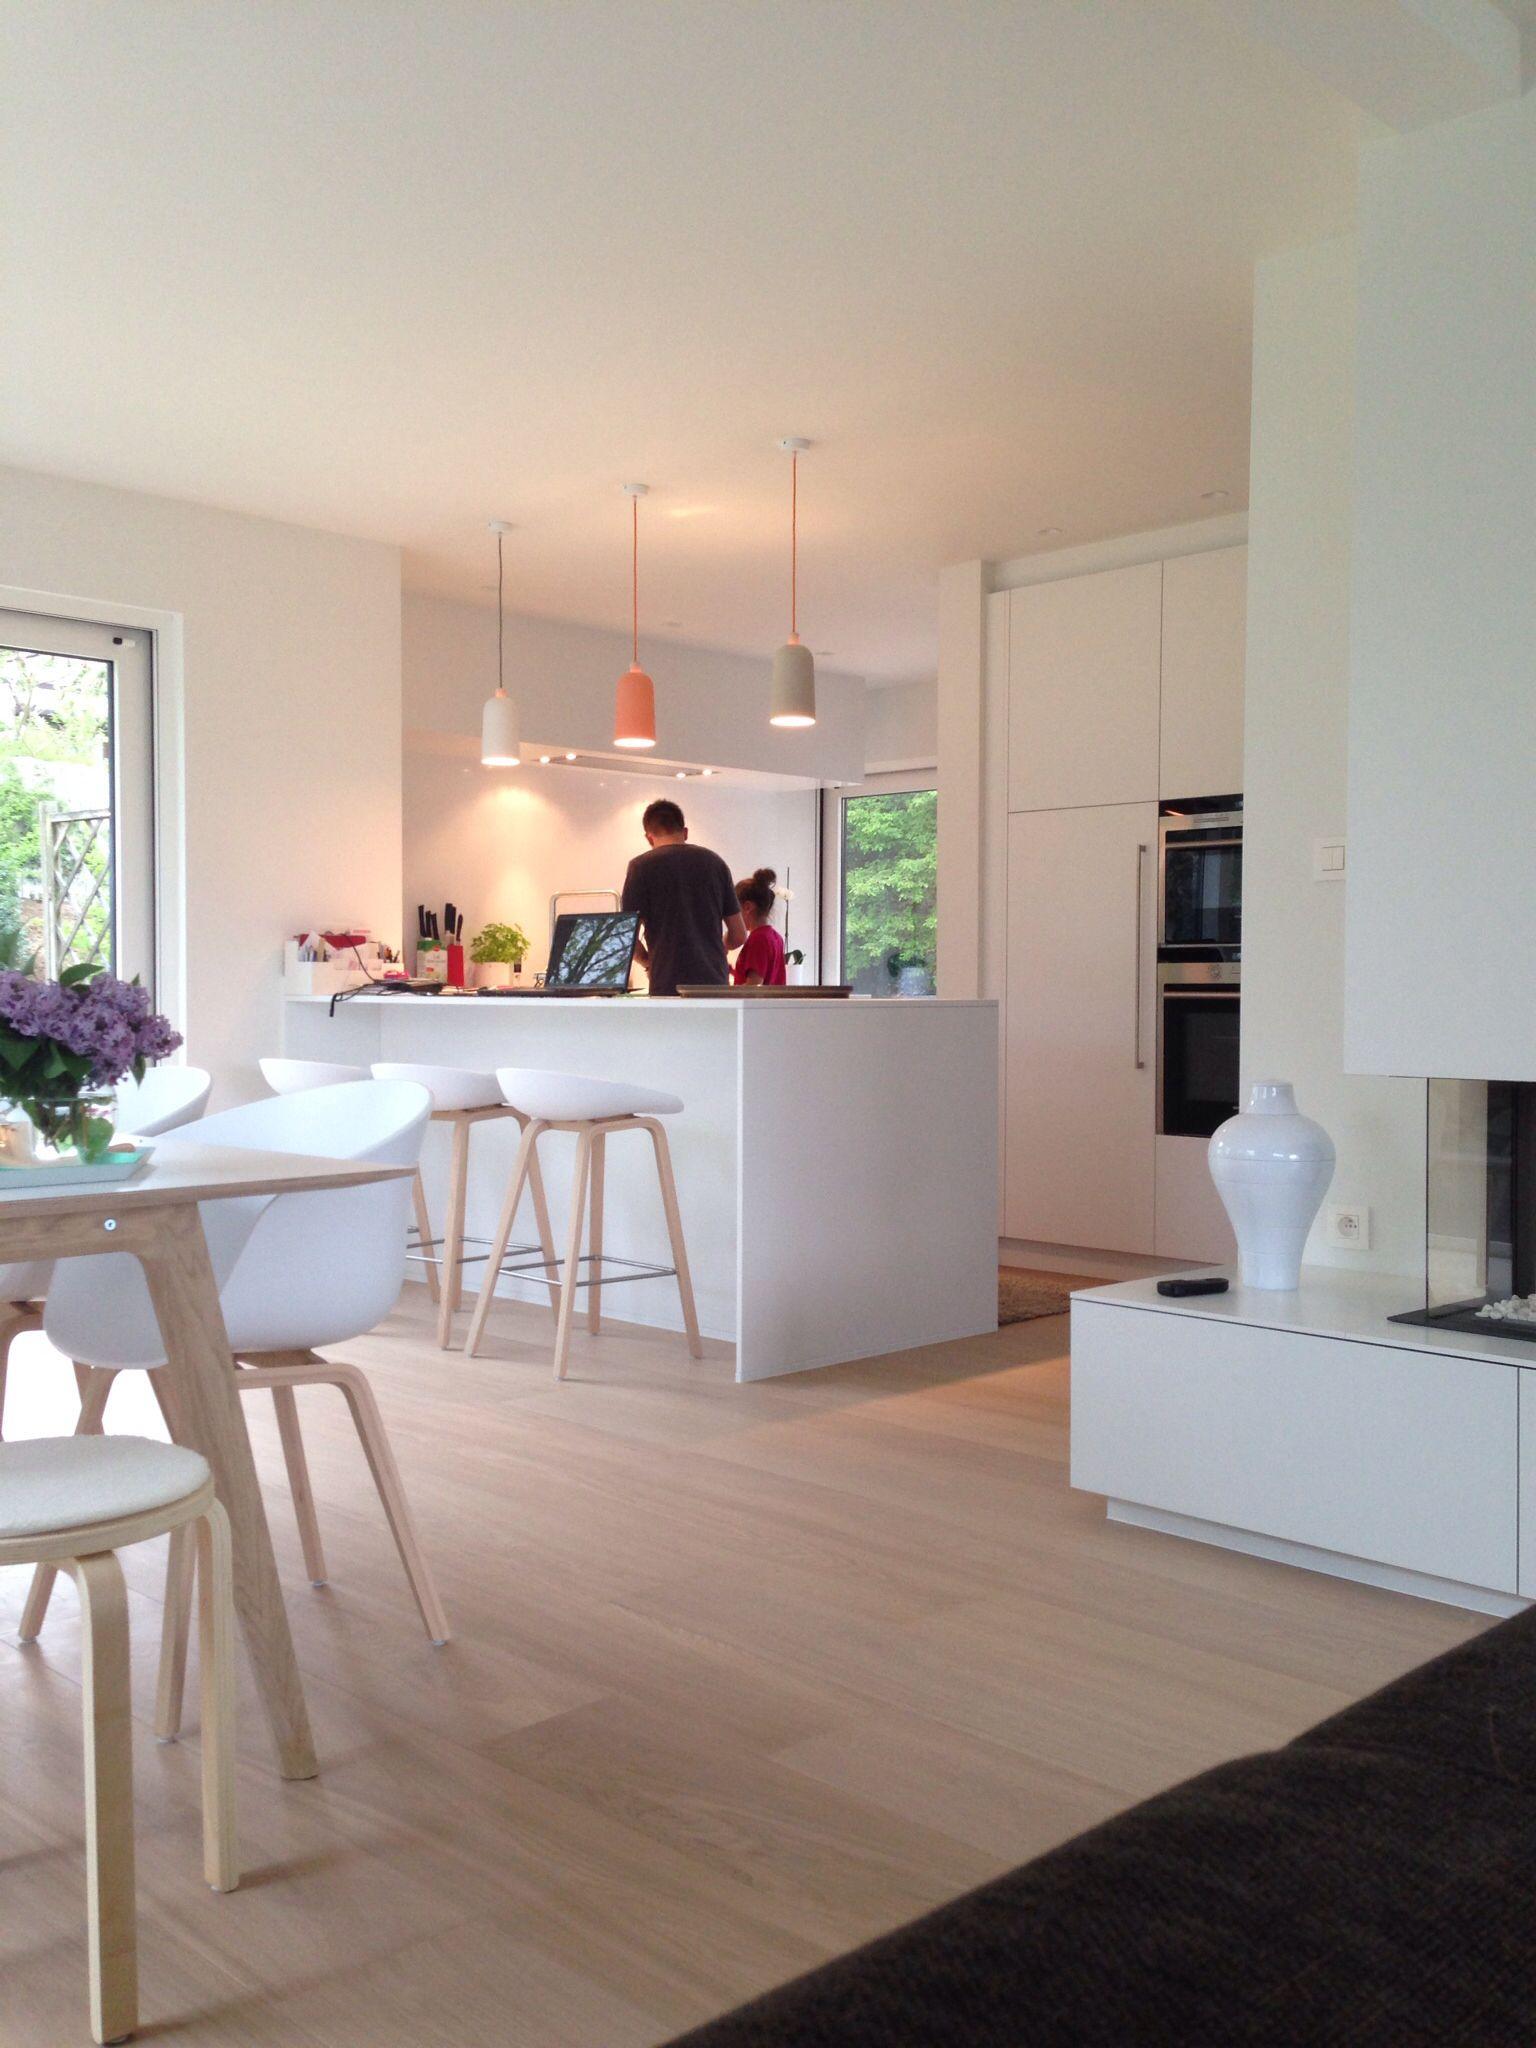 Abtrennung Küche inkl Lampen | Zuhause | Pinterest | Lampen, Küche ...